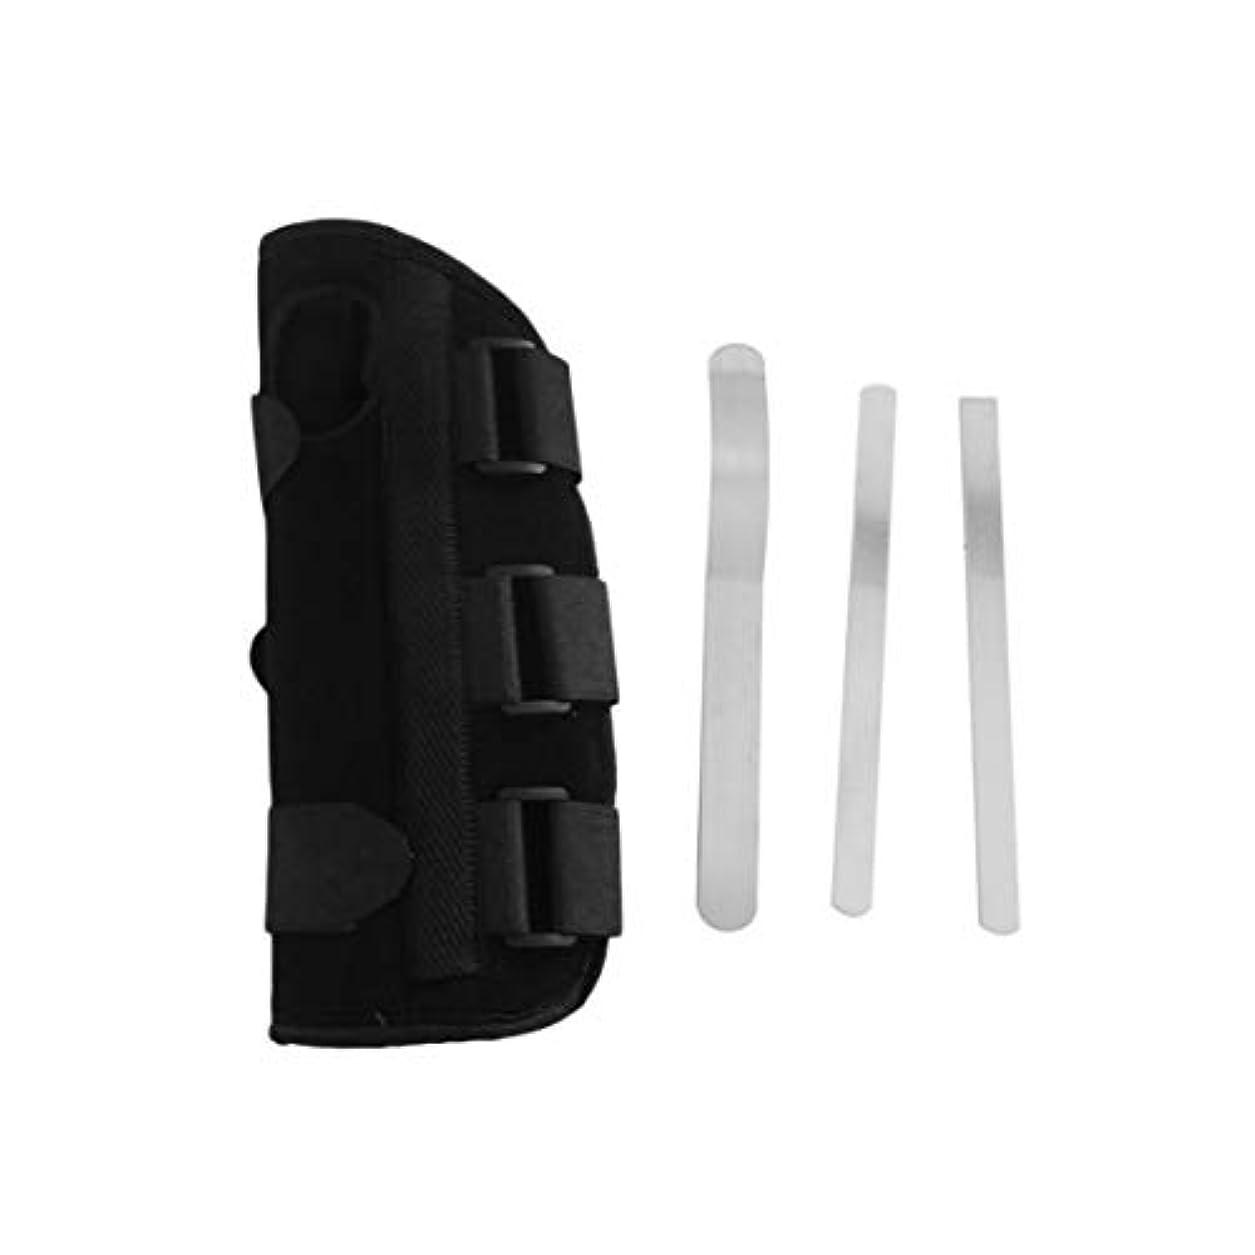 泥だます線形手首副木ブレース保護サポートストラップカルペルトンネルCTS RSI痛み軽減取り外し可能な副木快適な軽量ストラップ - ブラックS